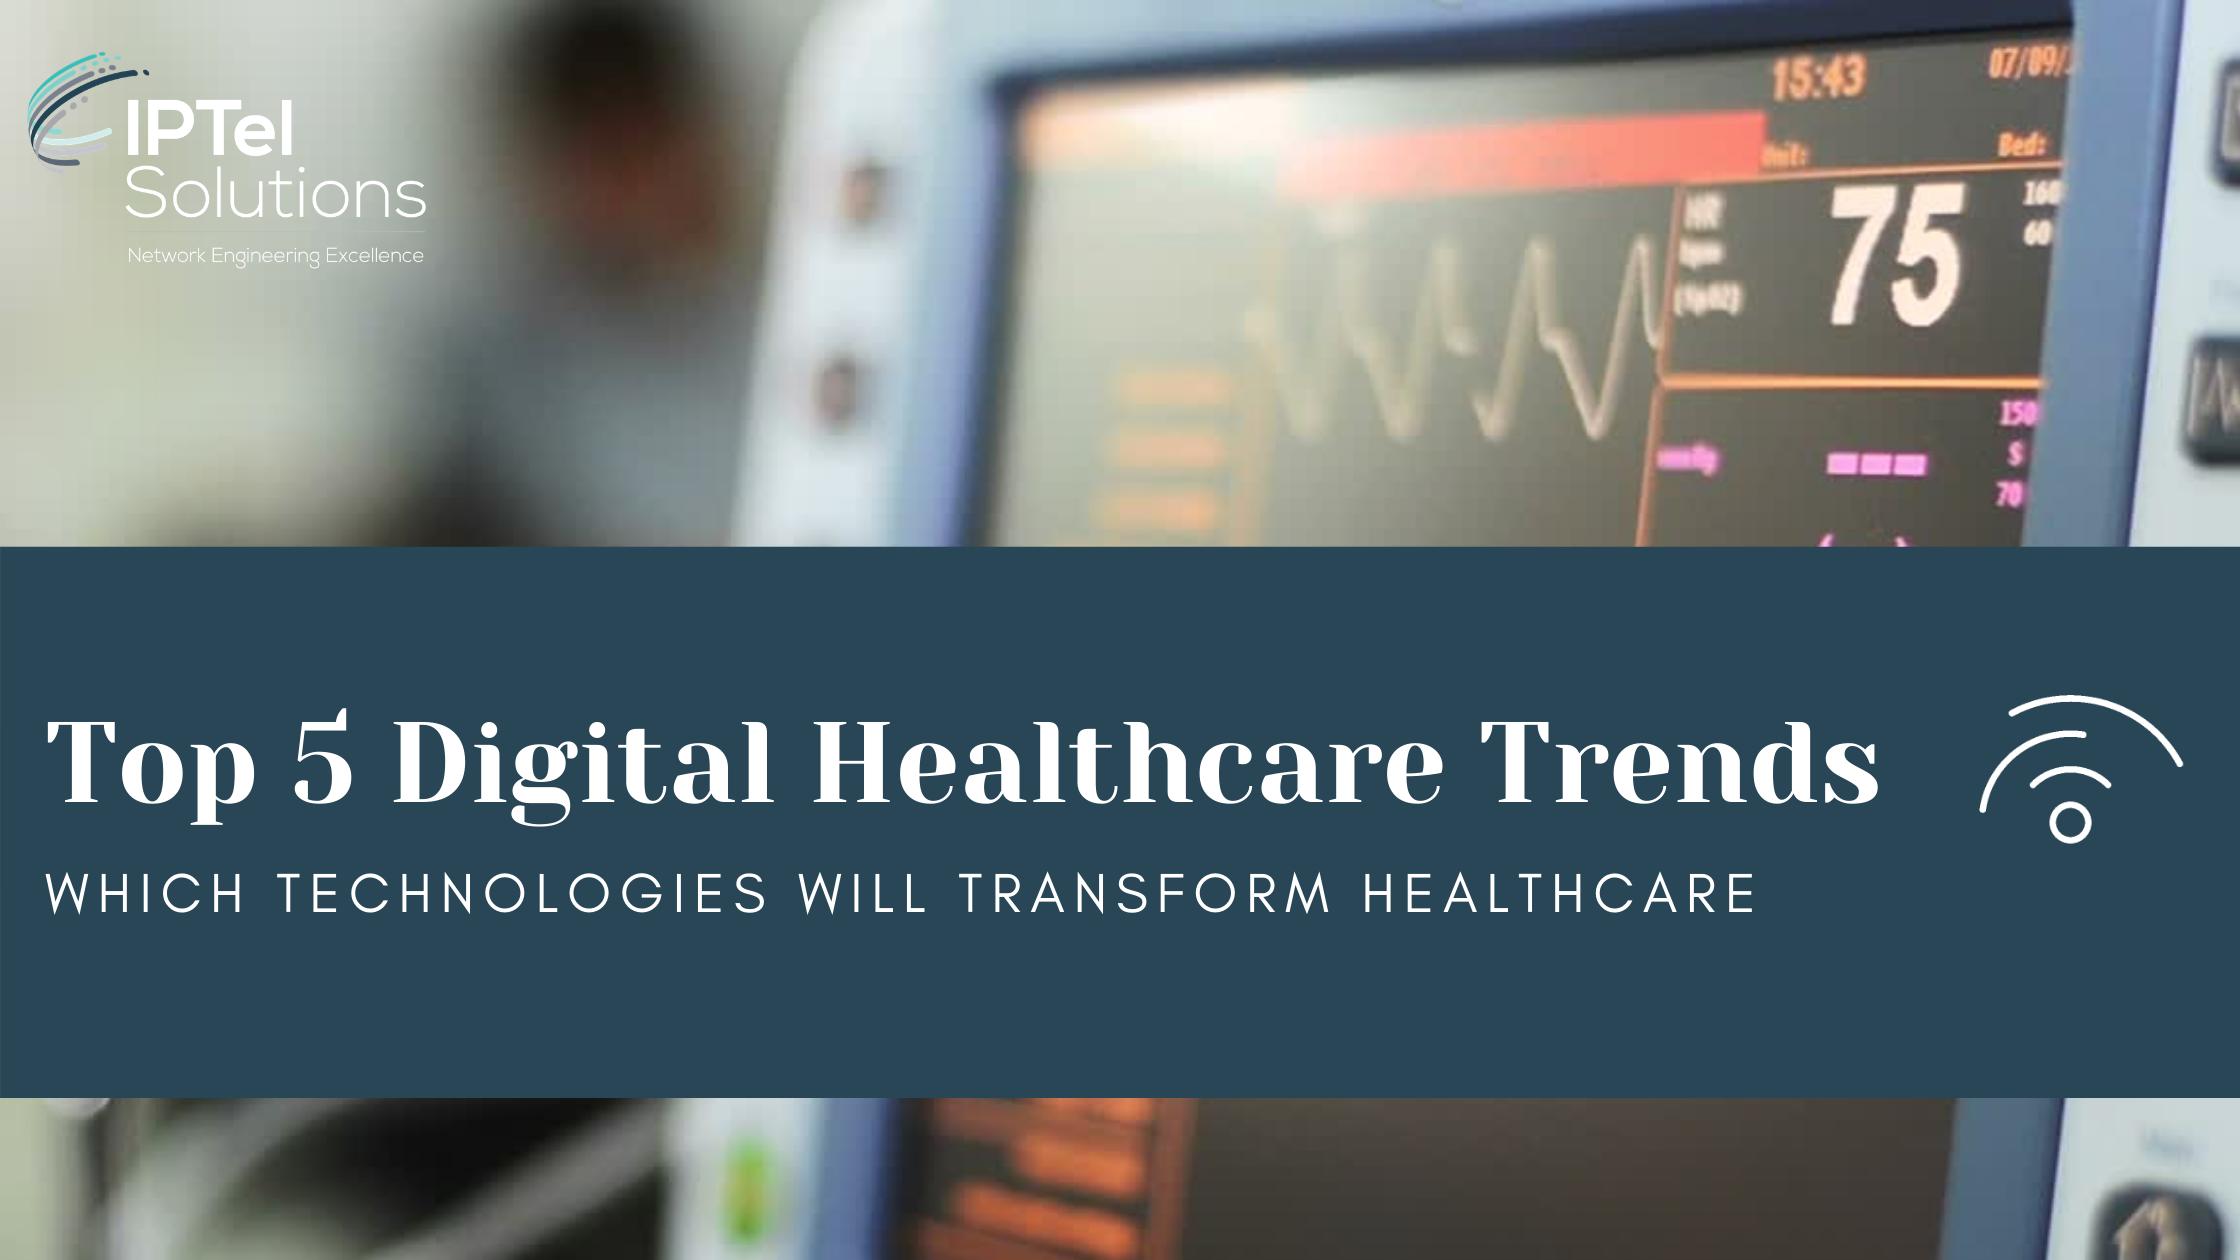 Top 5 Digital Healthcare Trends